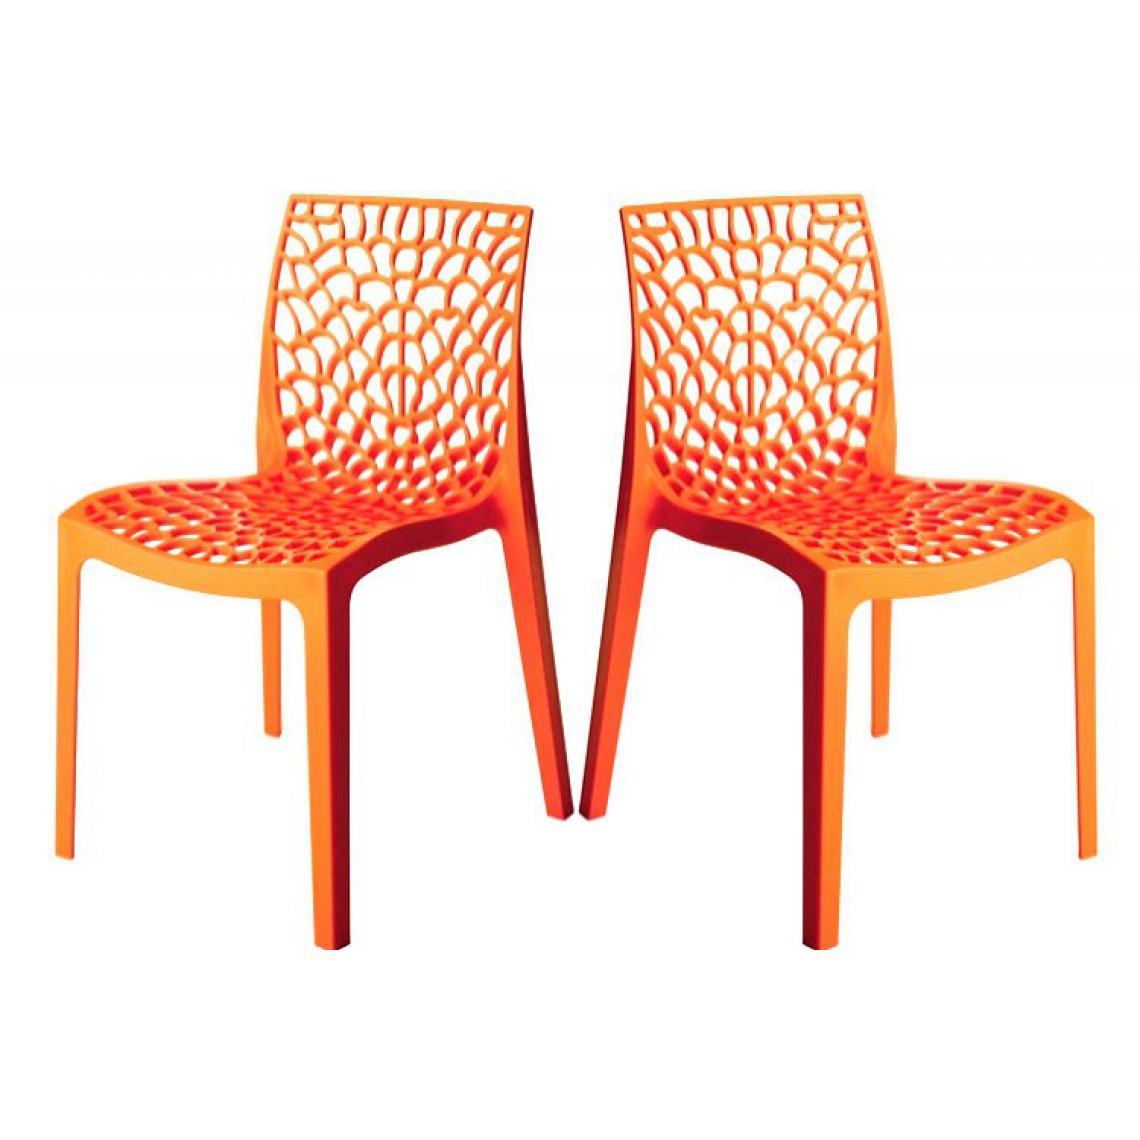 chaises oranges et blanche